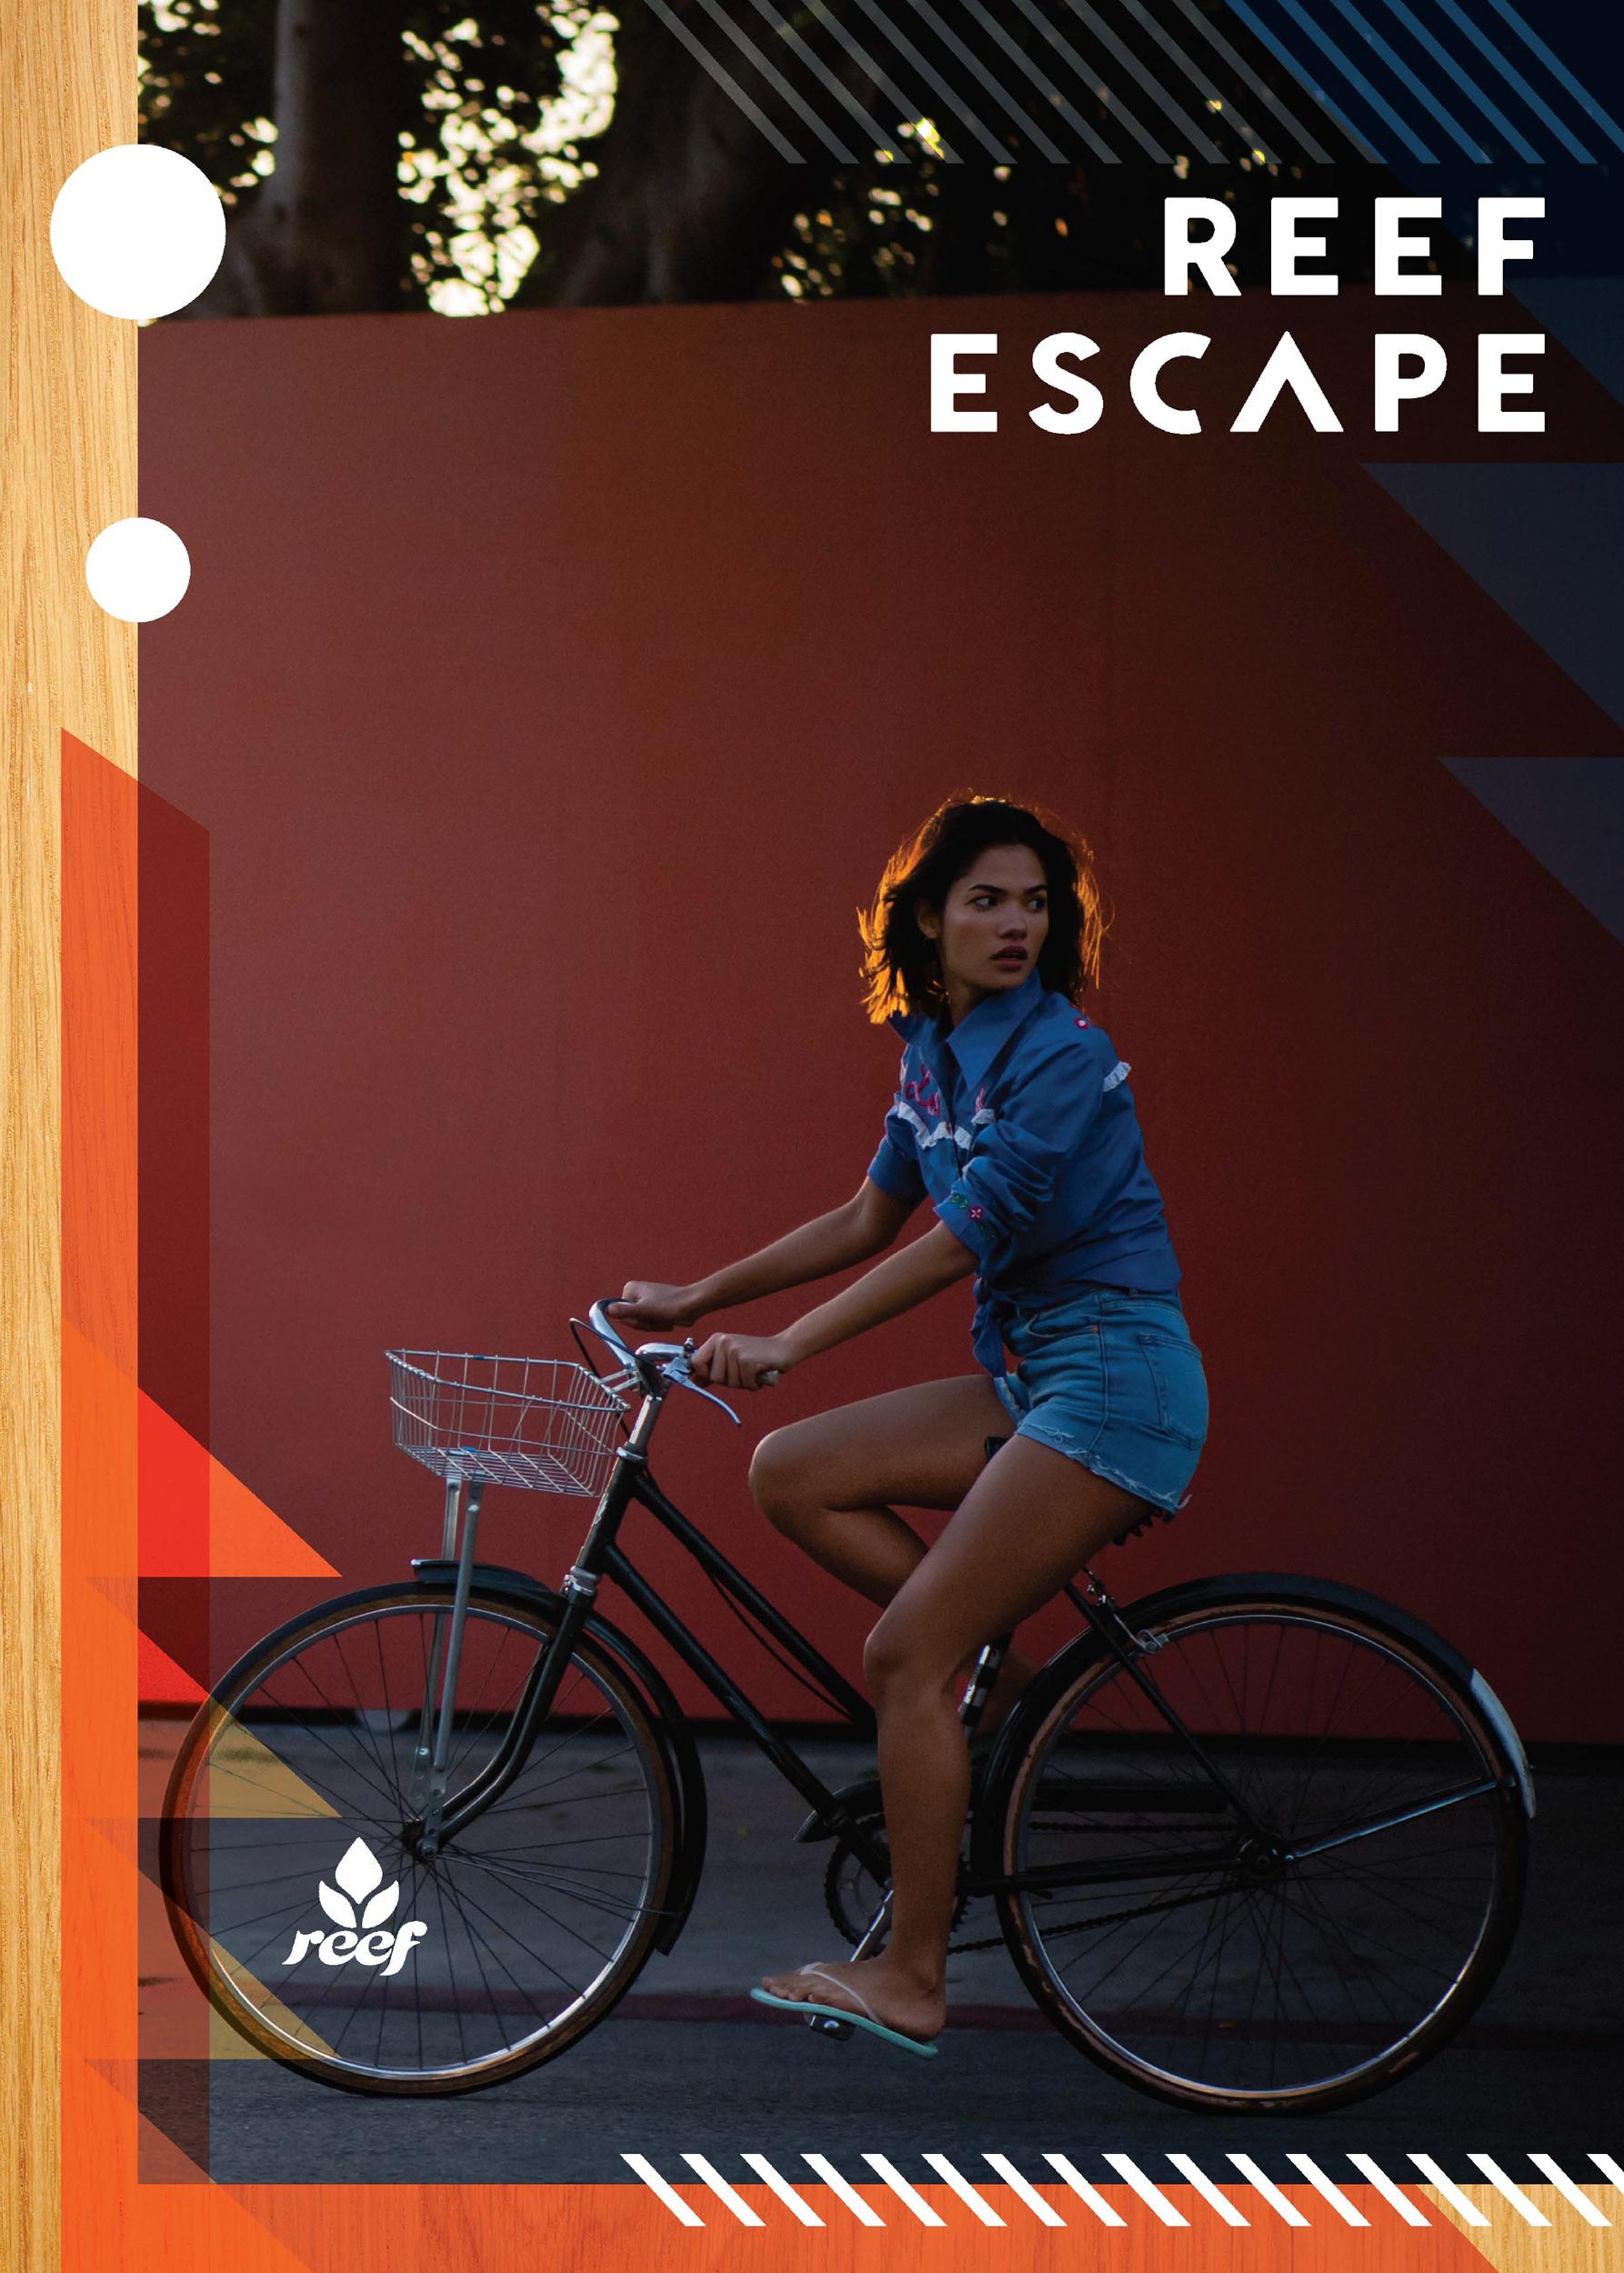 ESCAPE-1.jpg